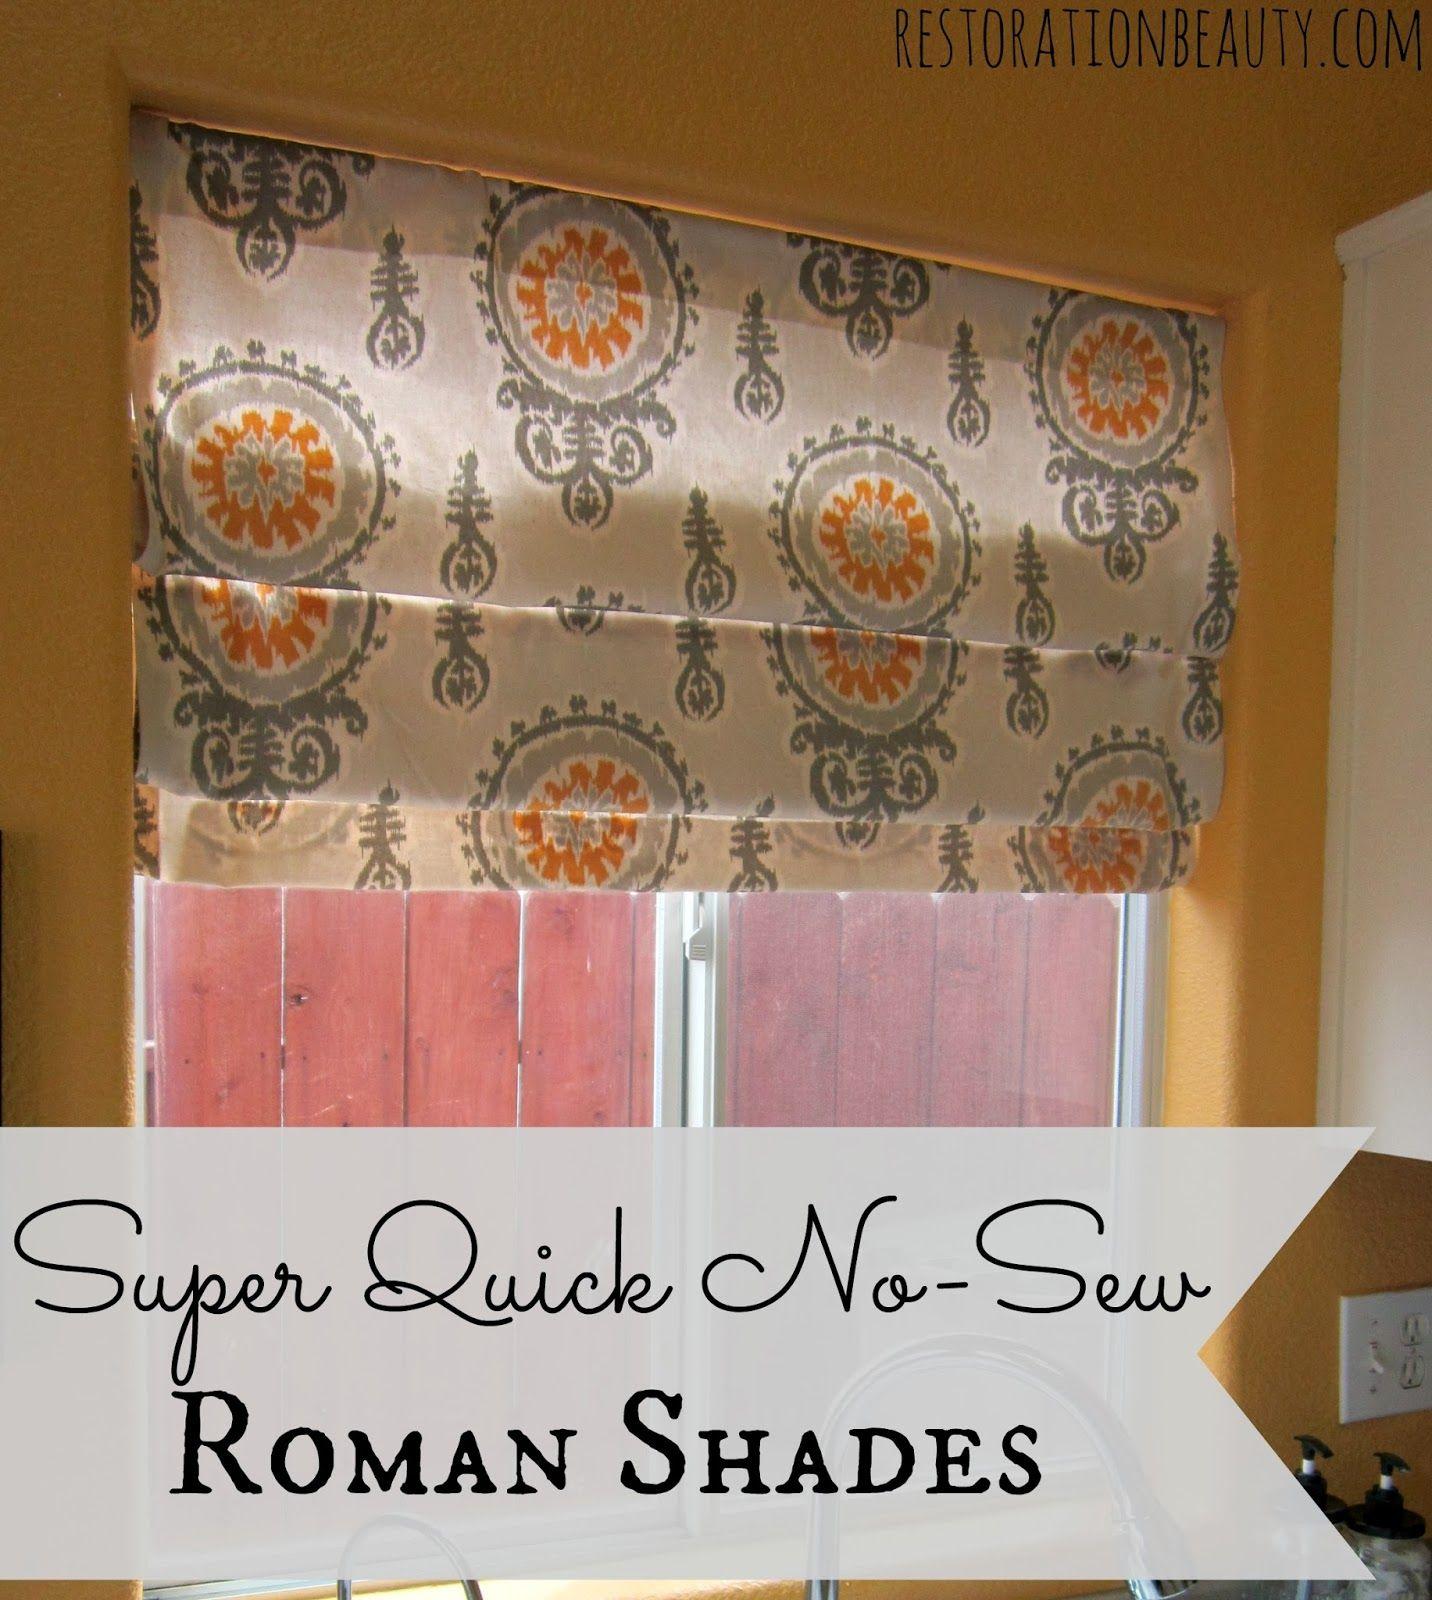 Super Quick NoSew Roman Shades Diy roman shades, Diy